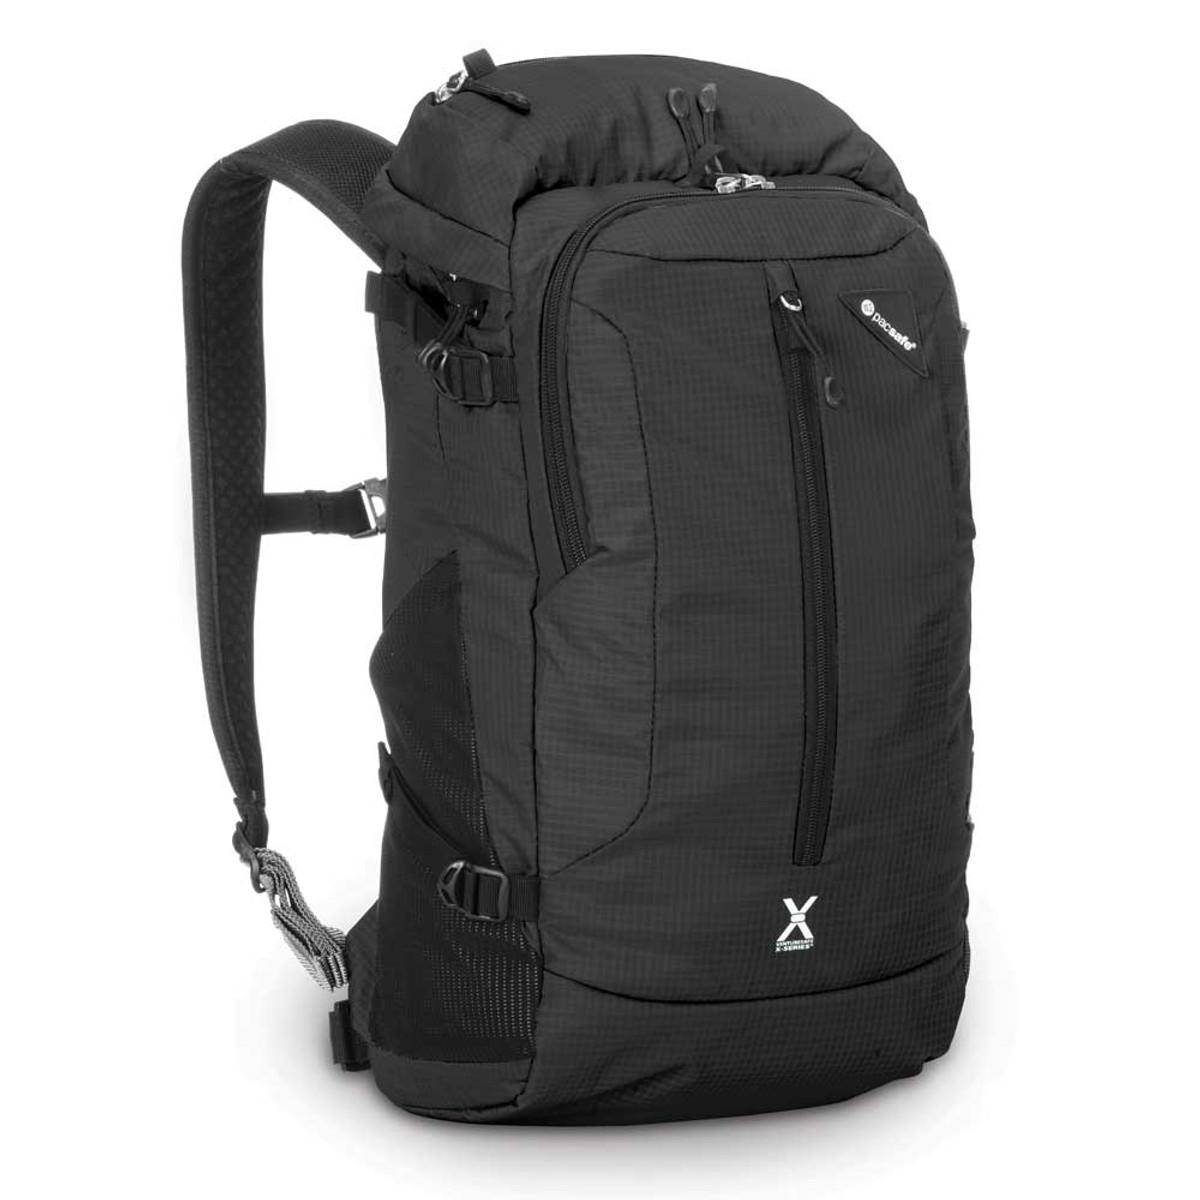 Pacsafe Venturesafe X22 backpack, black